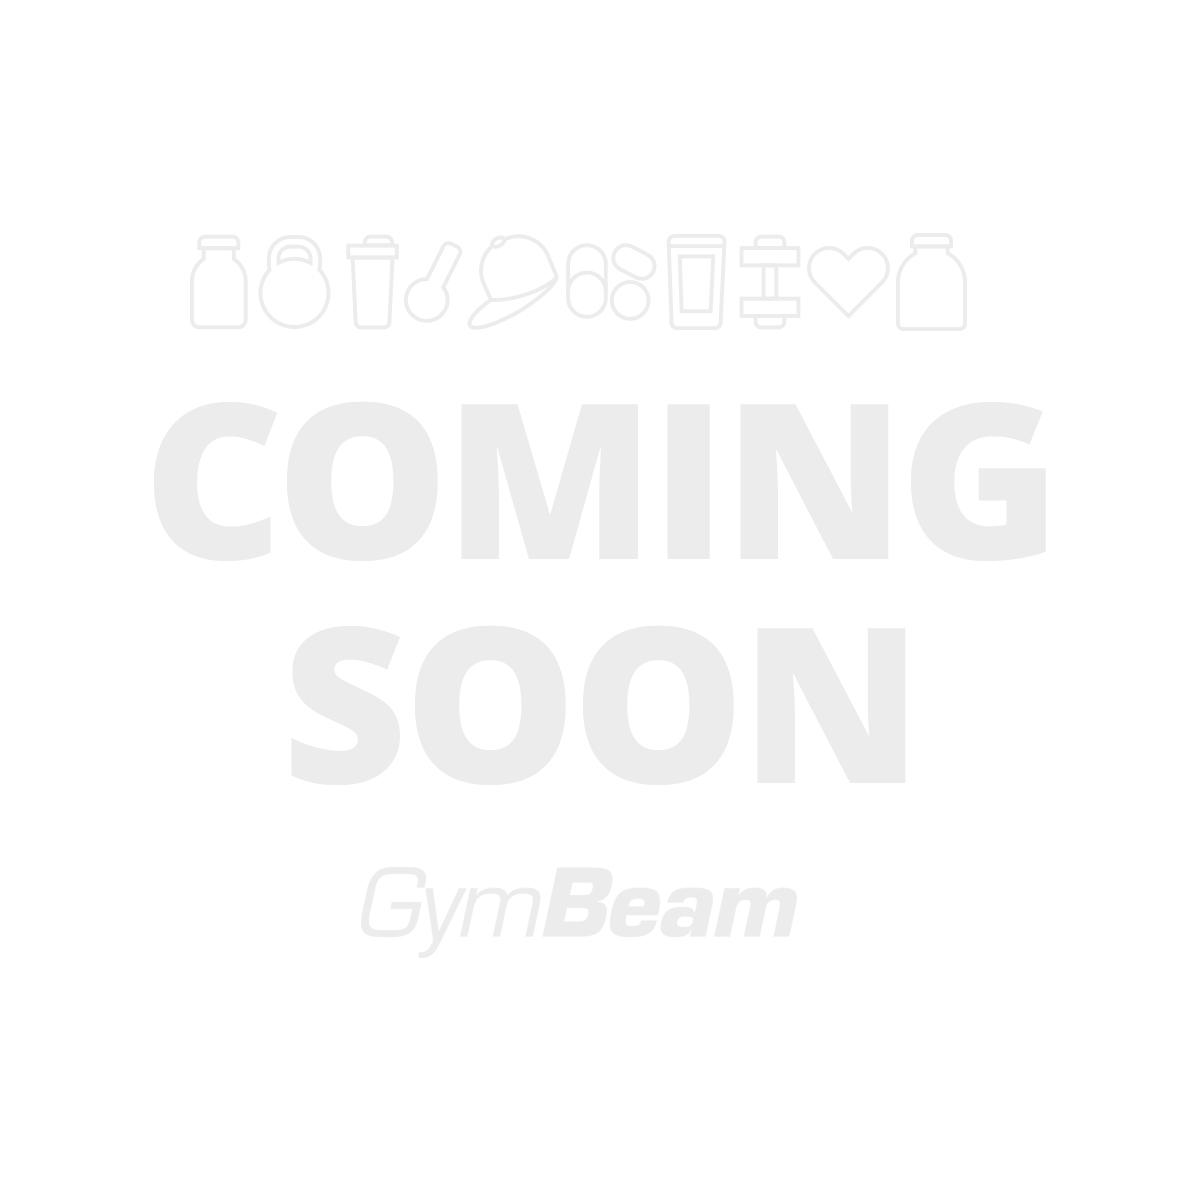 Spider Bottle 2Go Green több részes shaker 700 ml - Spider Bottle